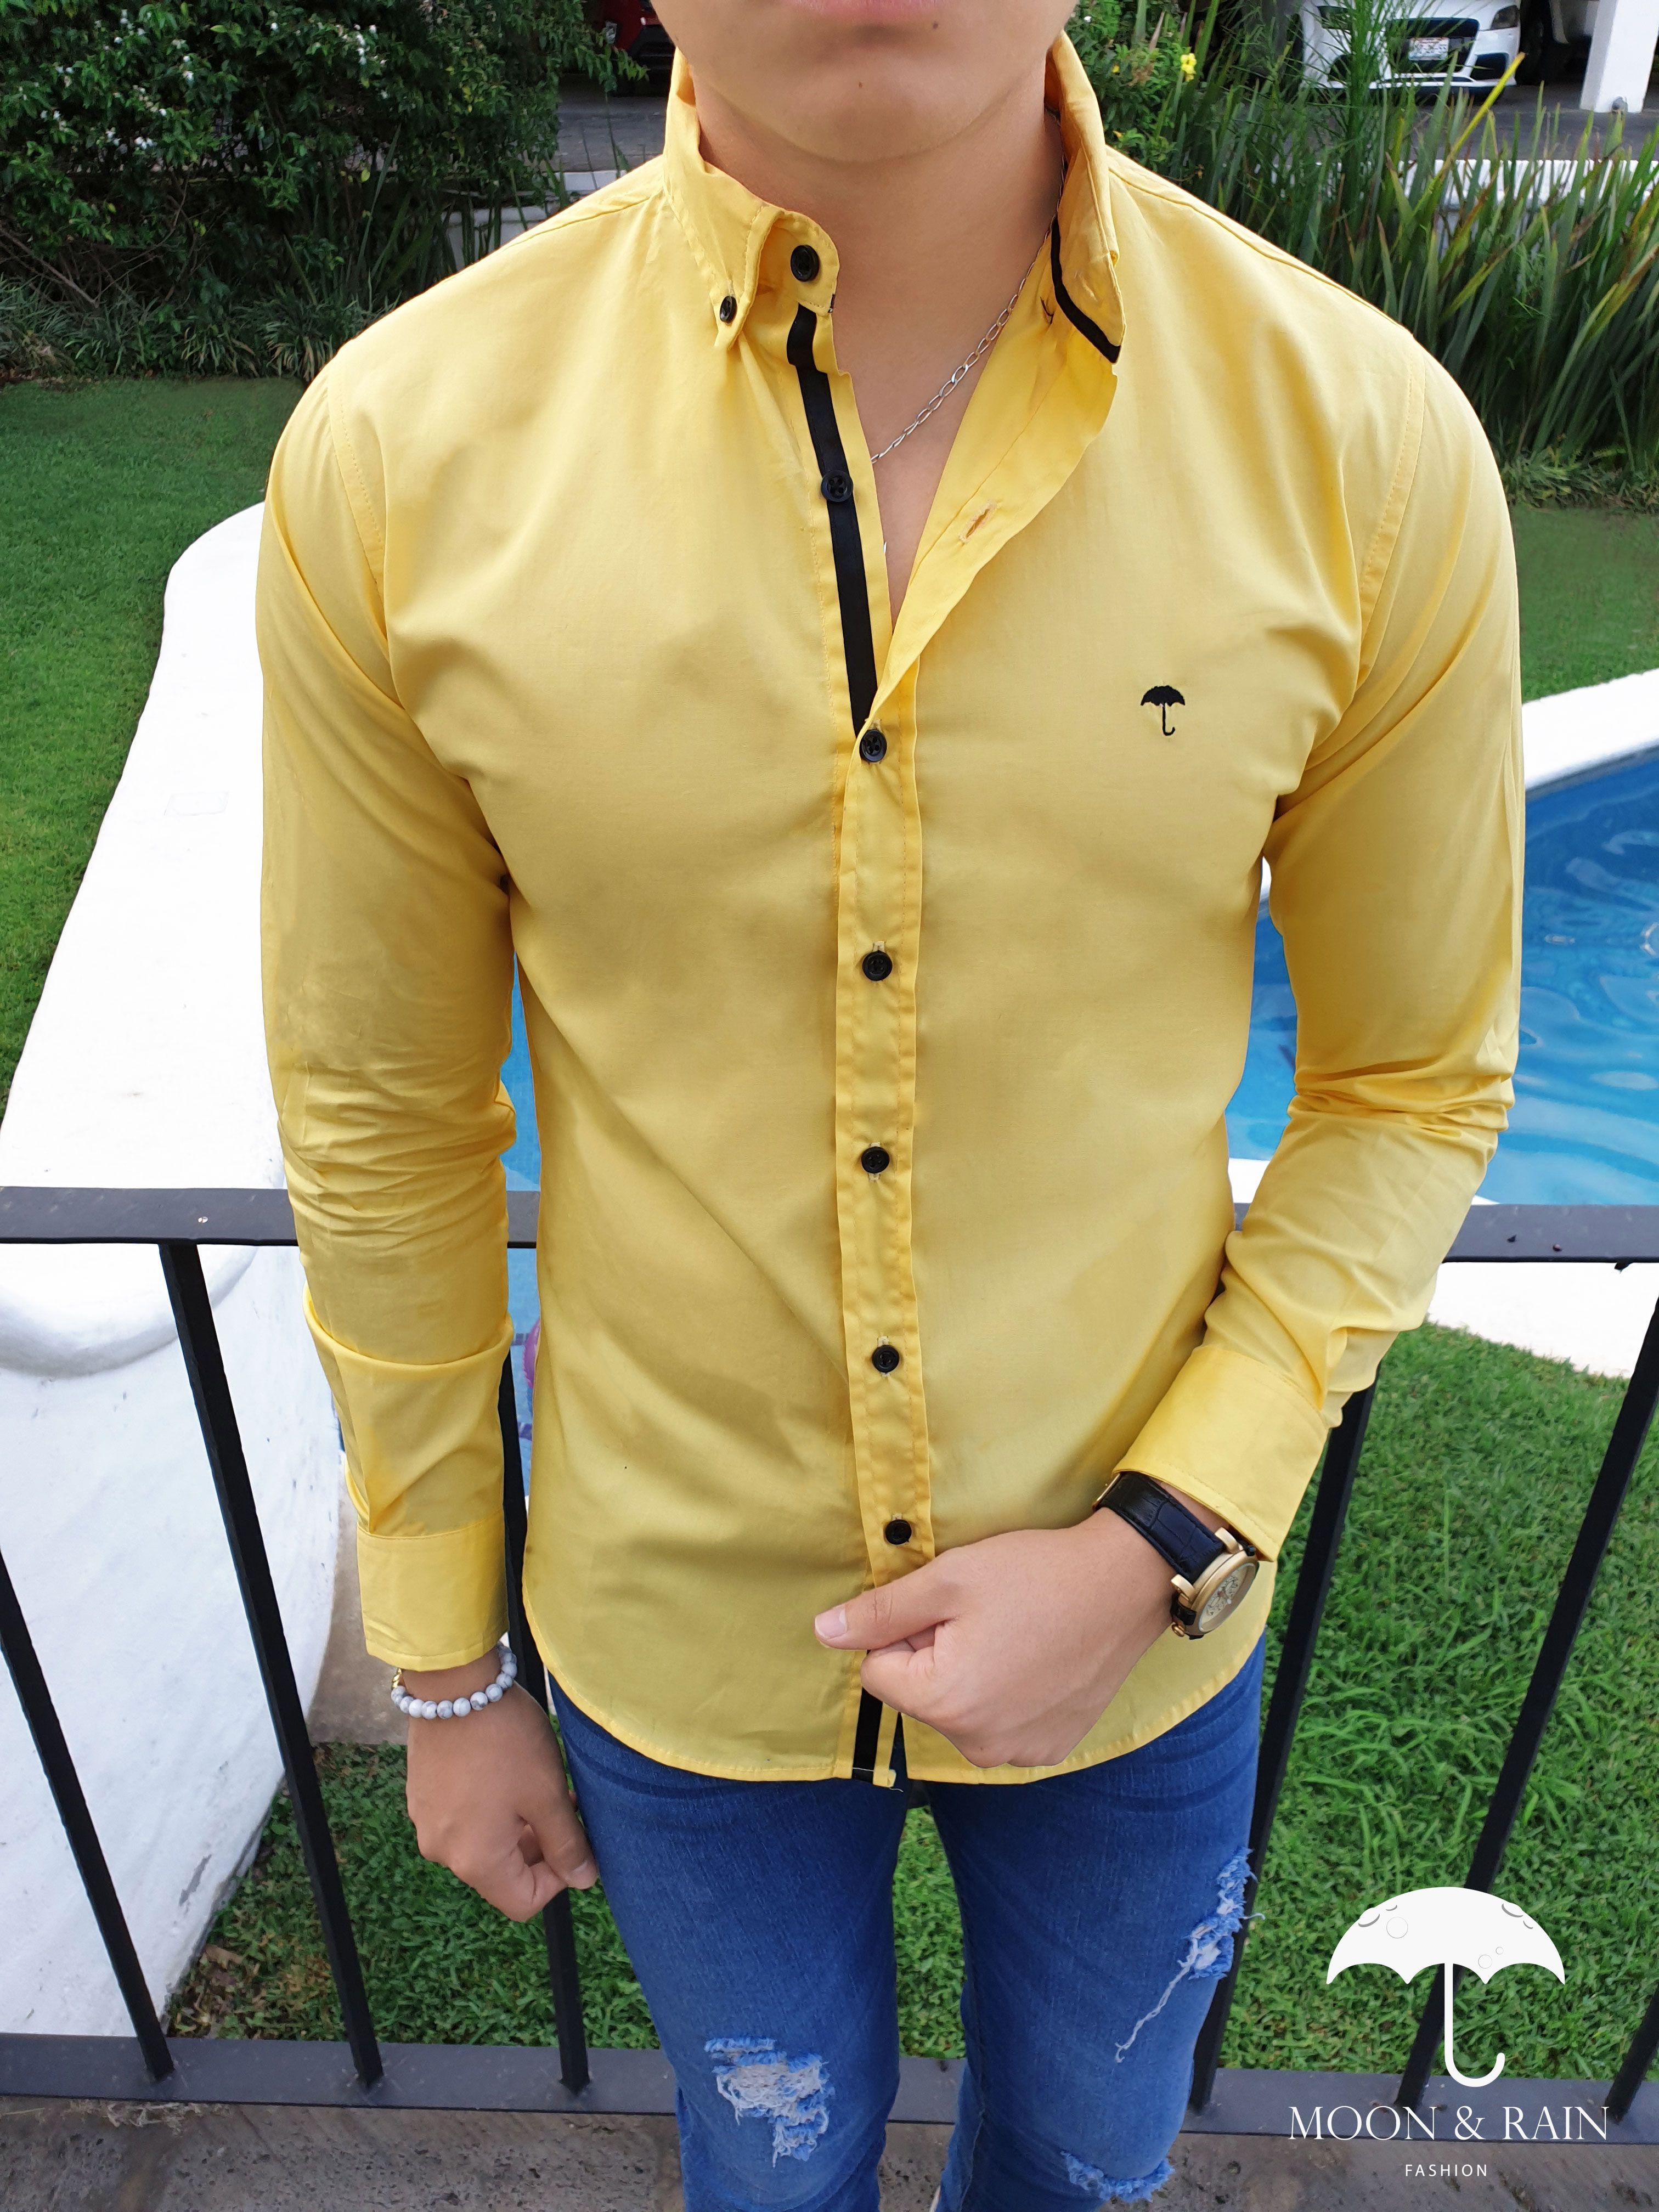 Camisetas Amarillas - Compra lotes baratos de Camisetas